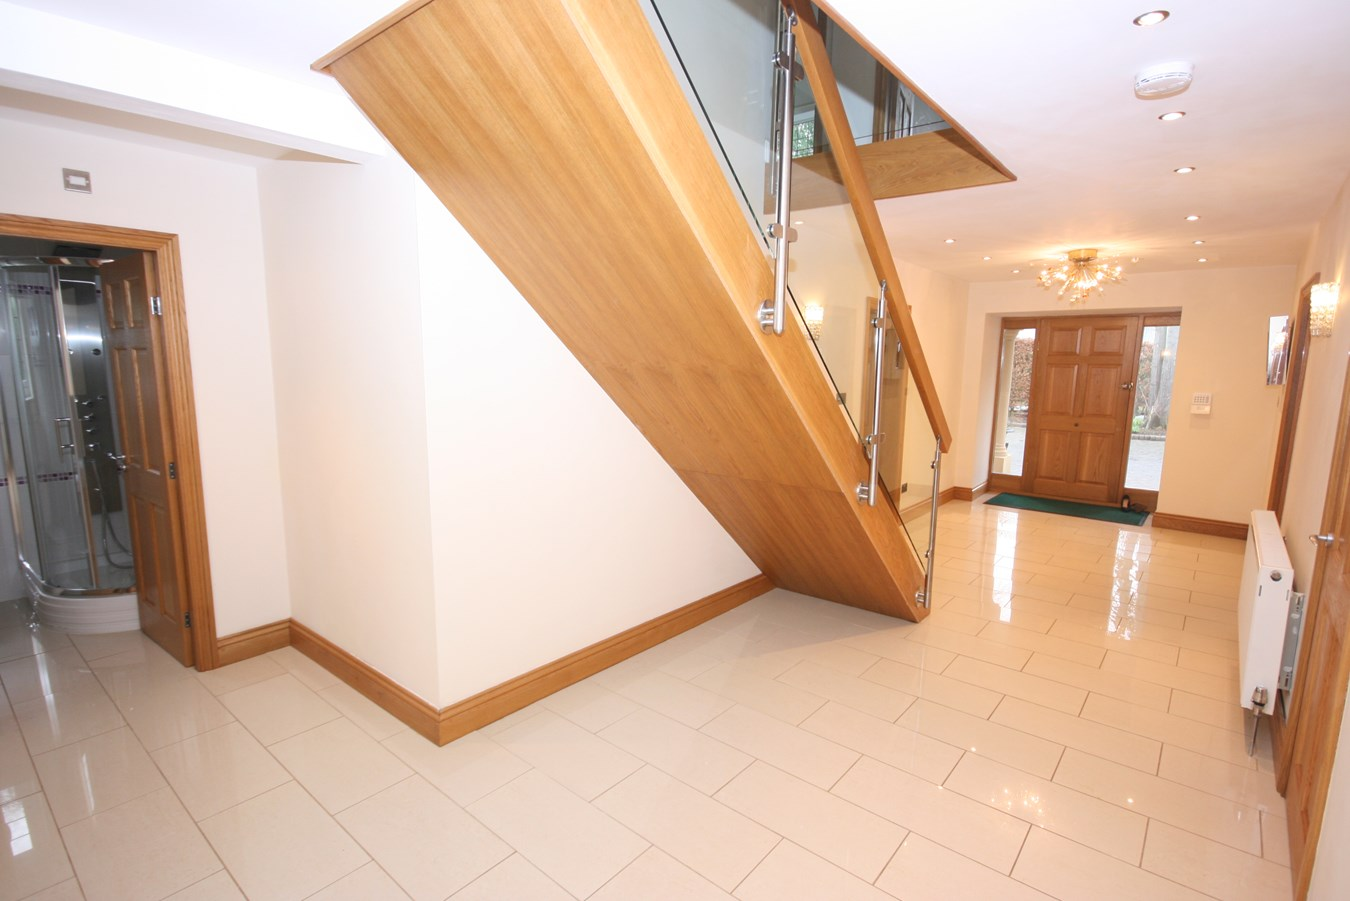 Room For Rent Newcastle Ne